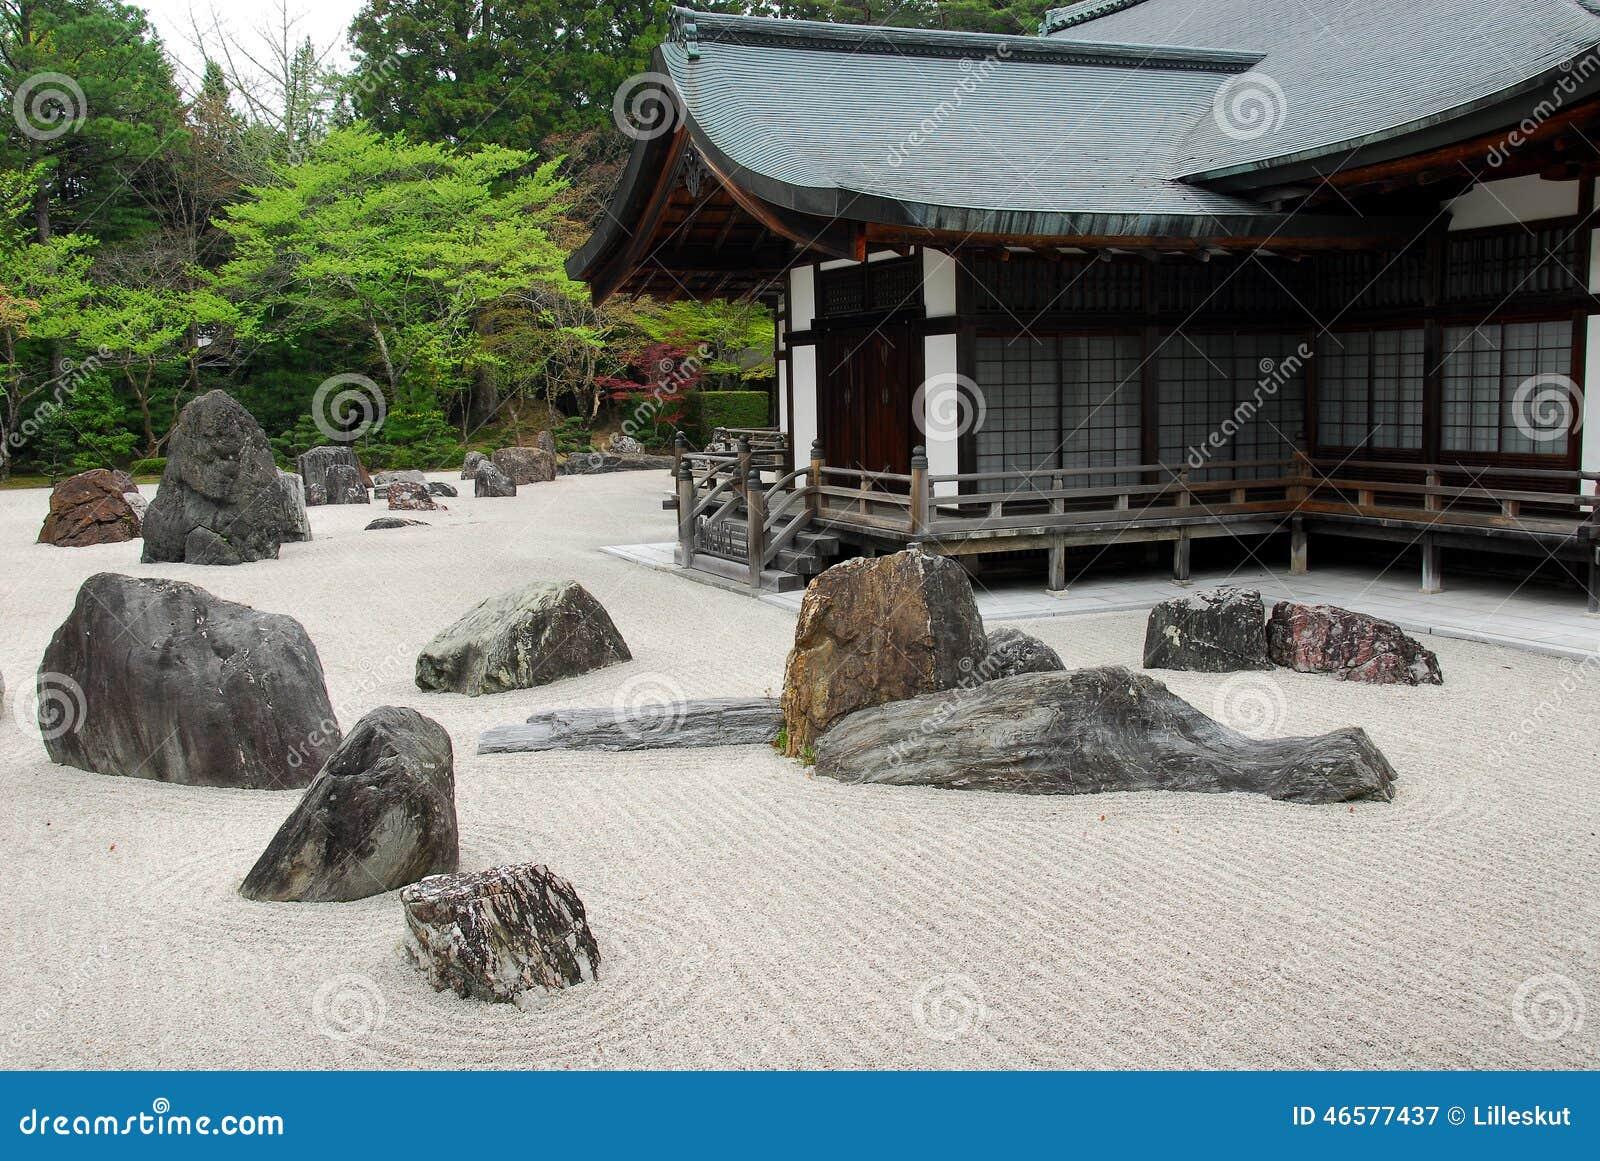 Japanese Rock Garden Japanese Rock Garden Stock Photo Image 46577437